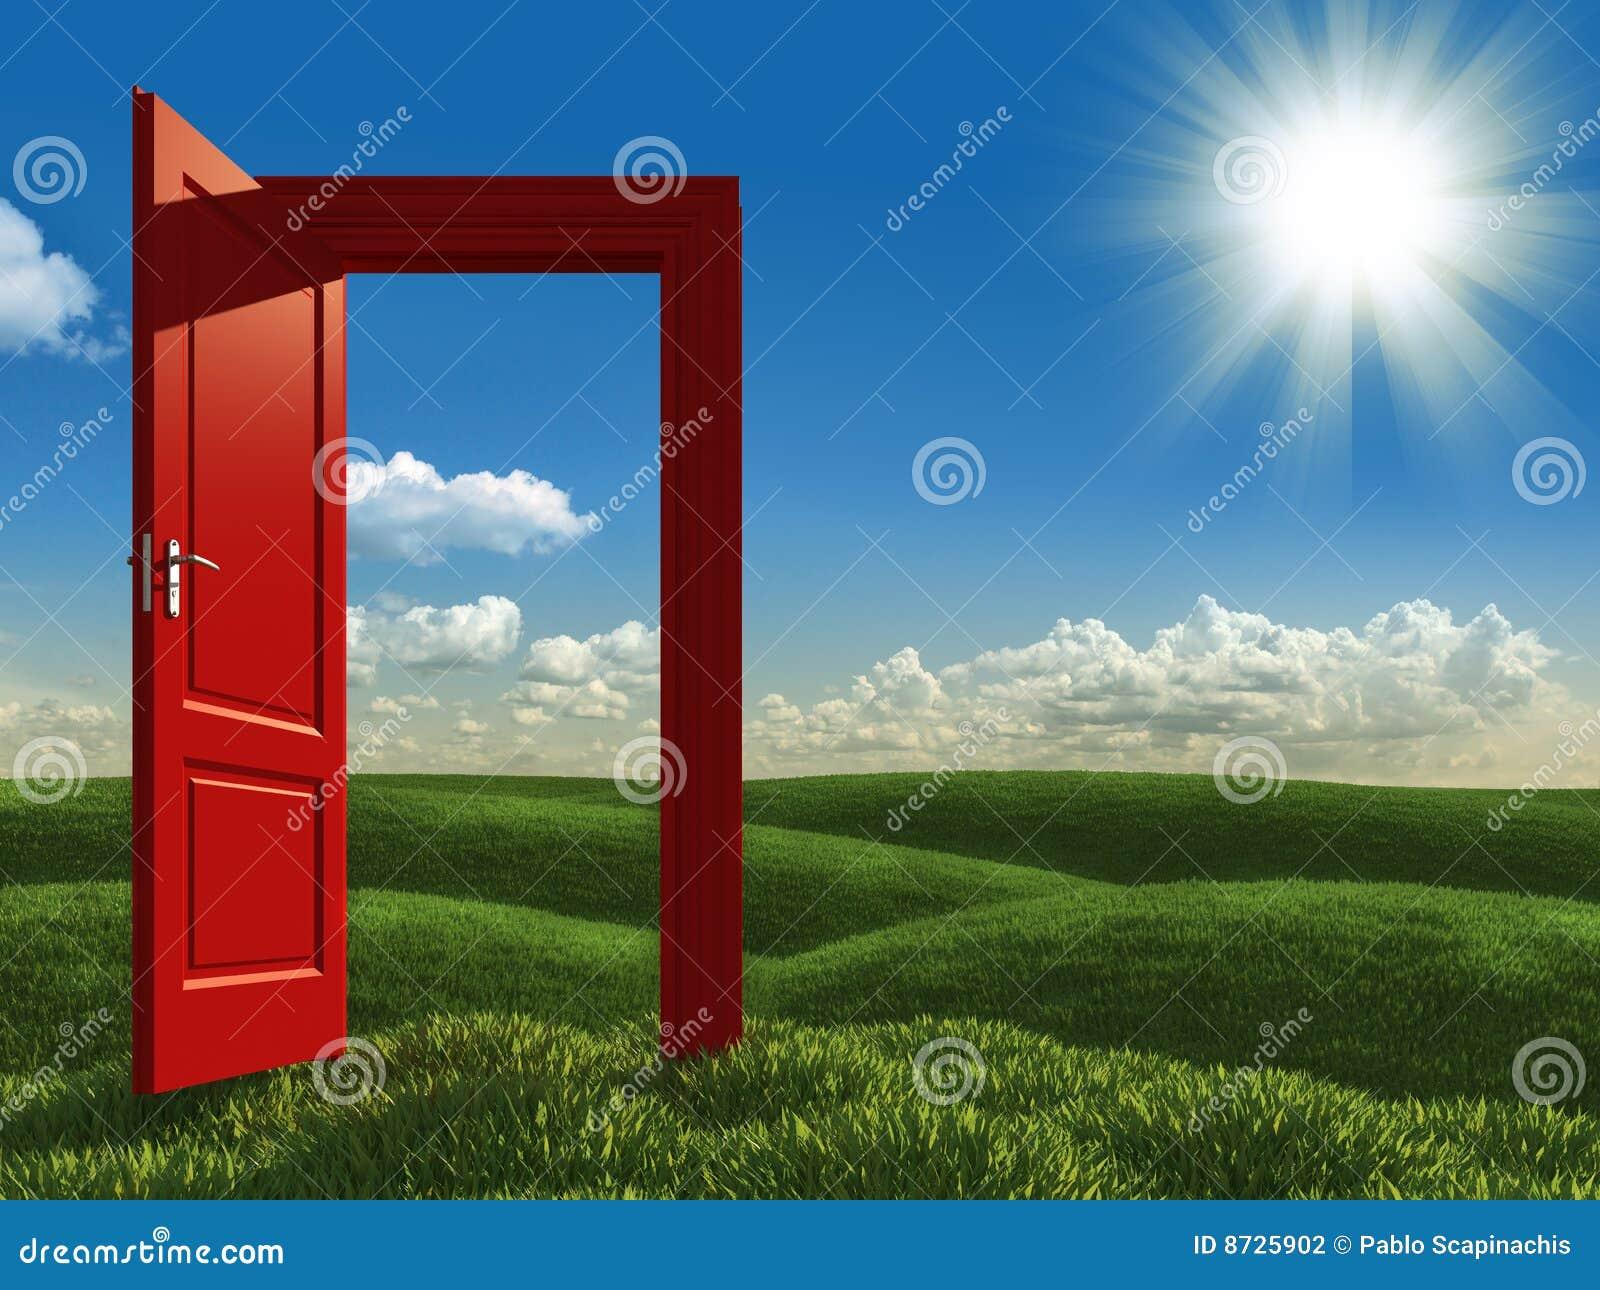 Open red door to the meadows